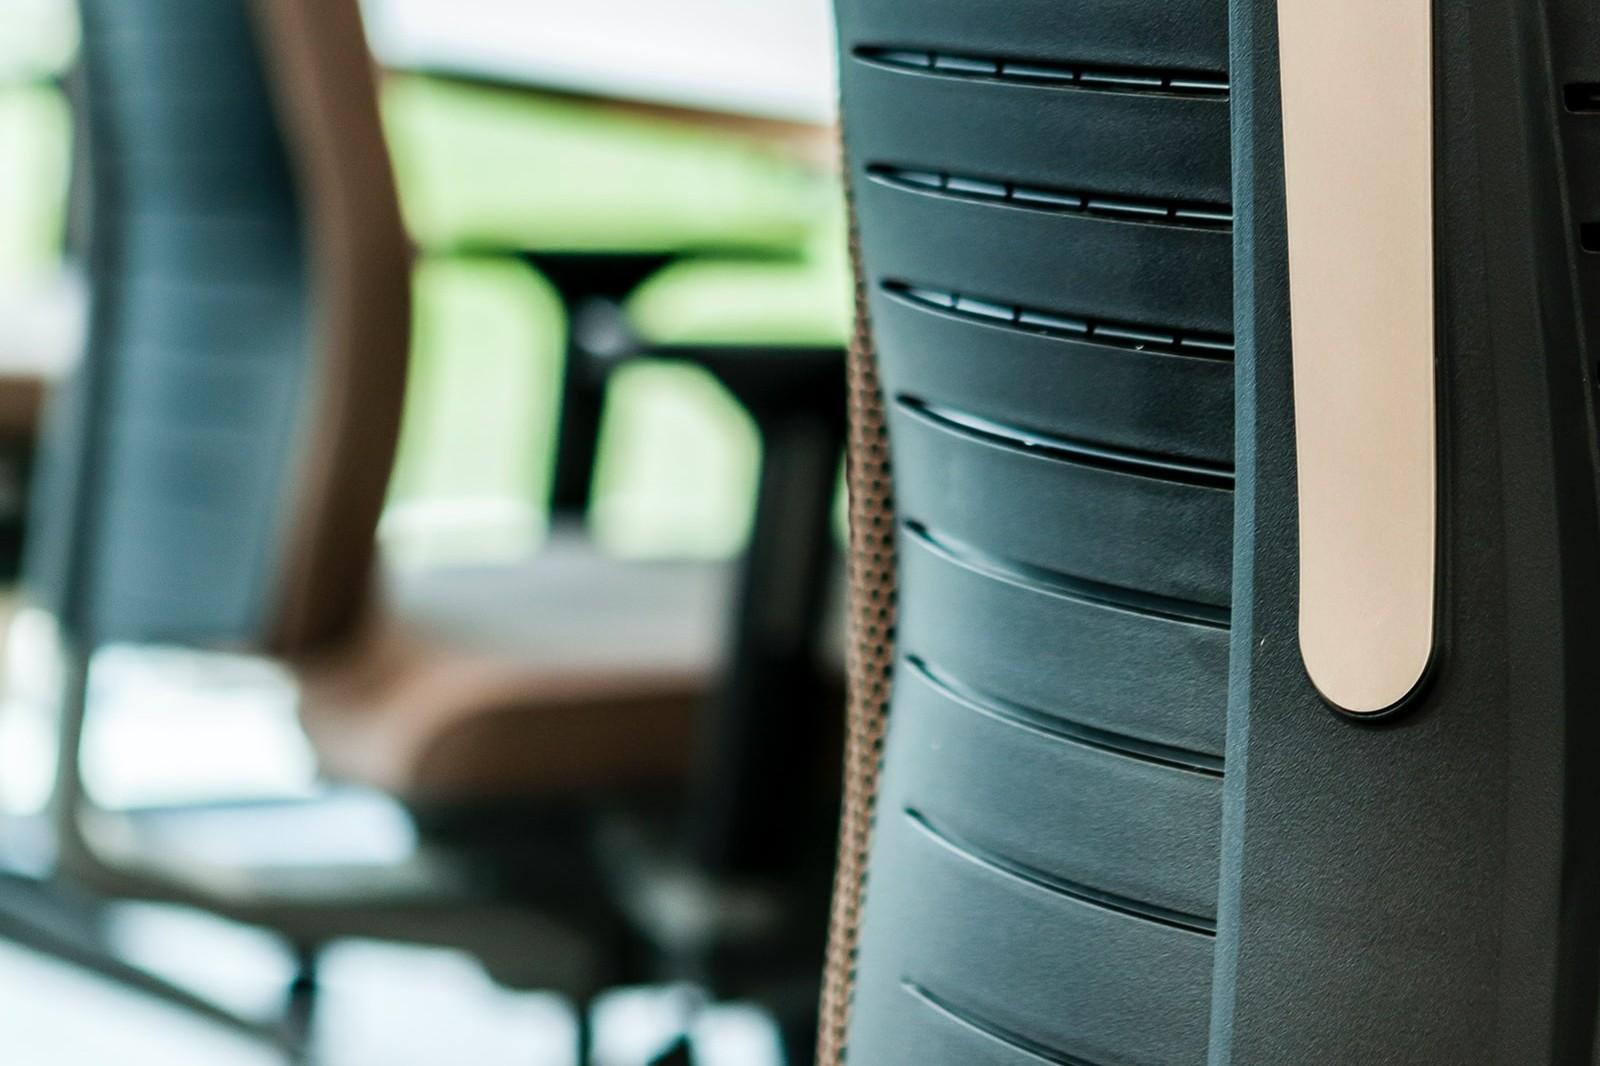 schwerlaststühle 200 kg belastbar